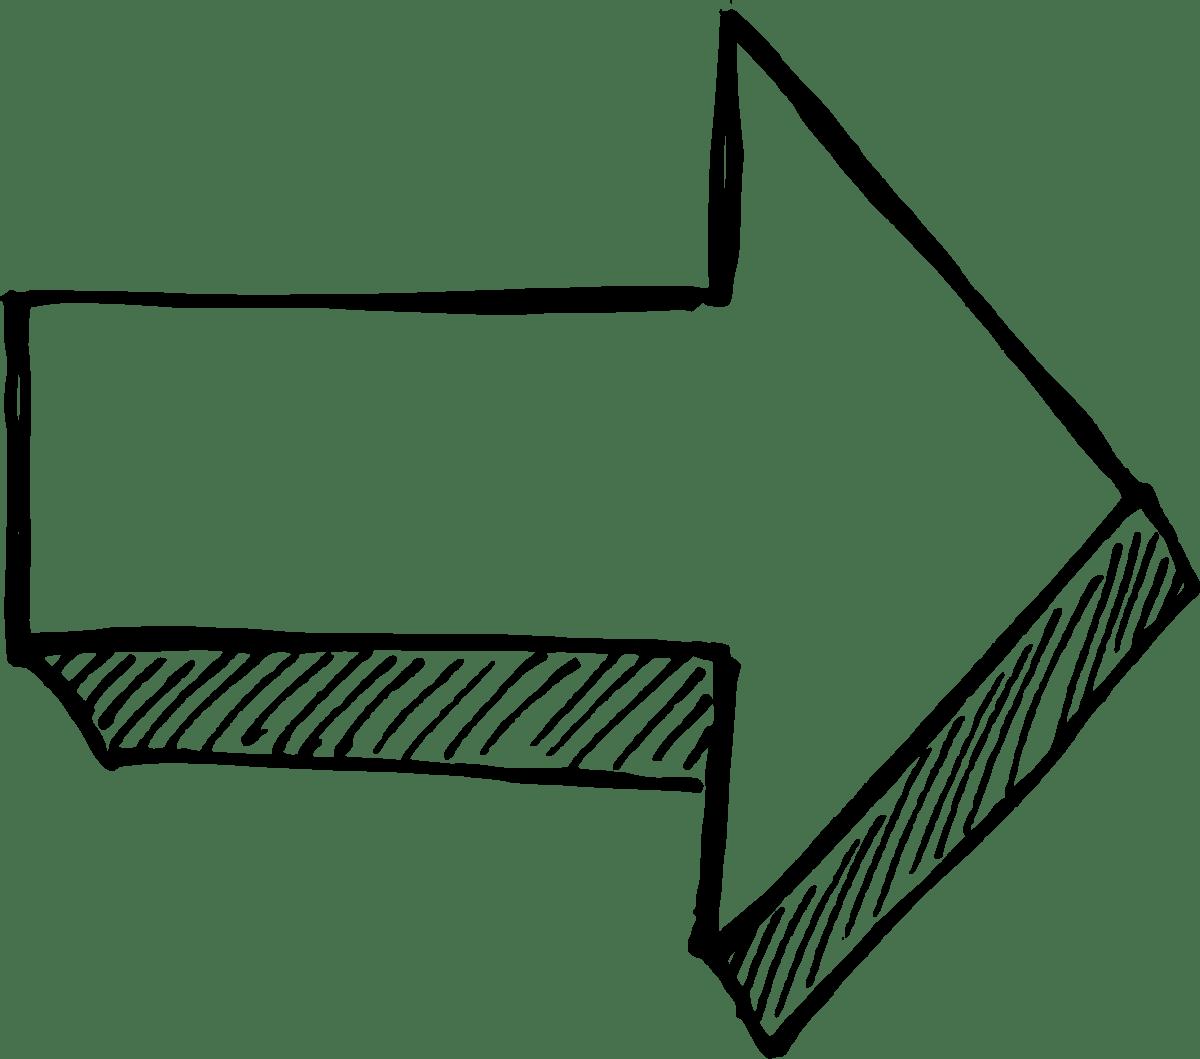 26 Arrow Drawing Transparent Vector Svg Vol 3